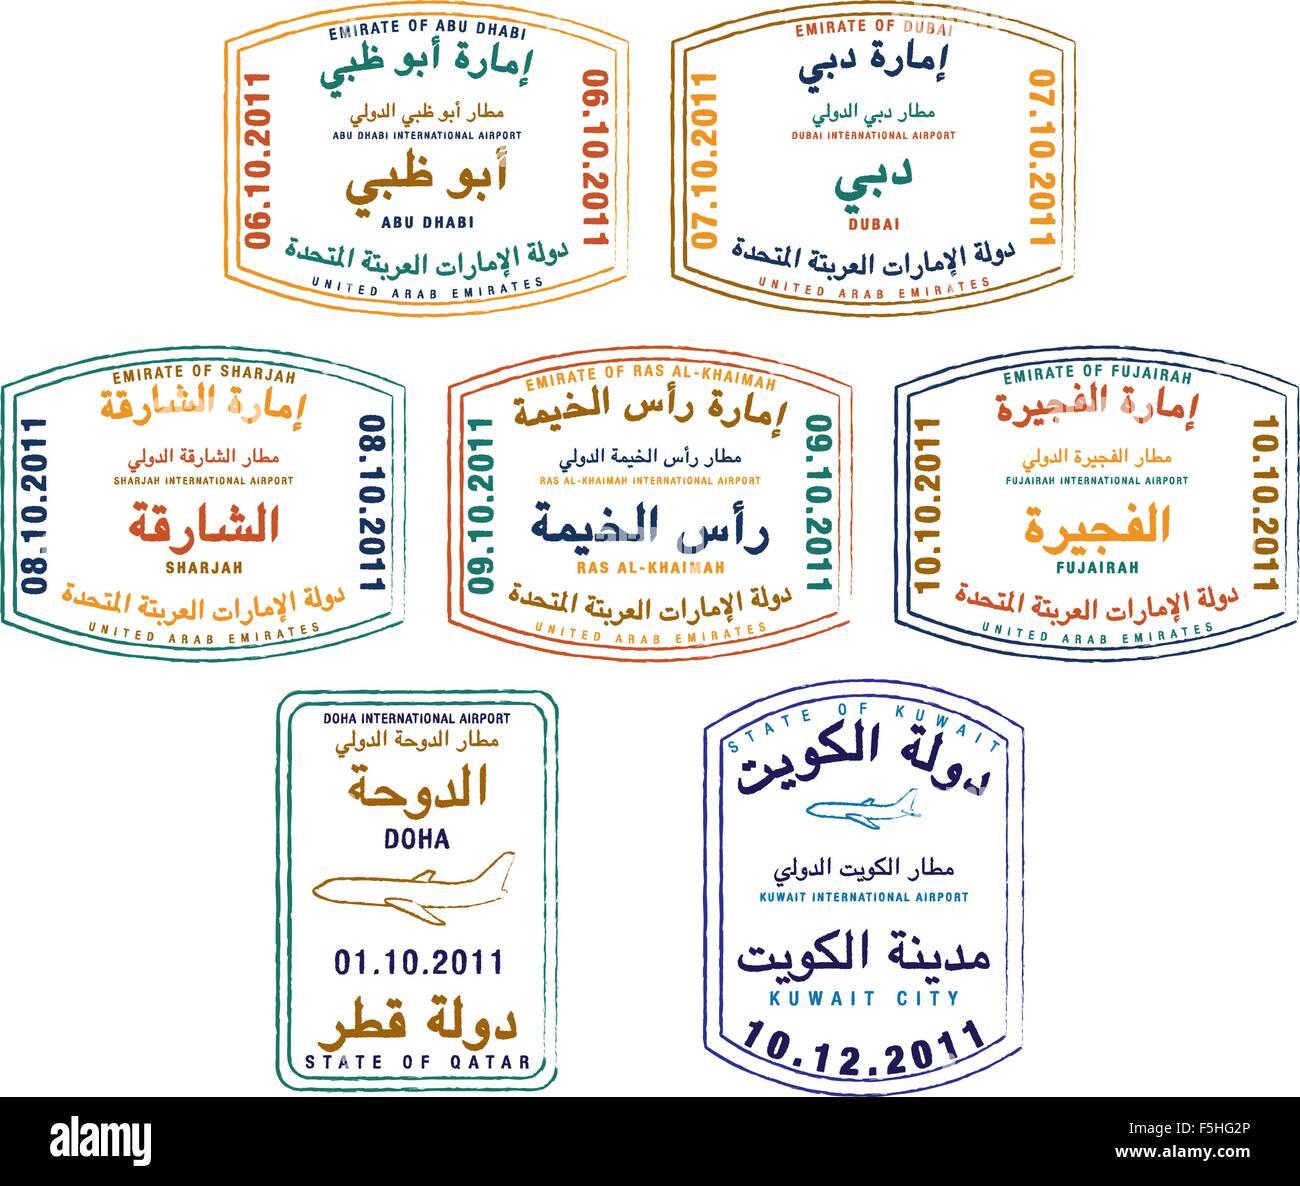 Timbres de Passeport stylisé des Émirats arabes unis, le Koweït et le Qatar en format vectoriel. Illustration de Vecteur